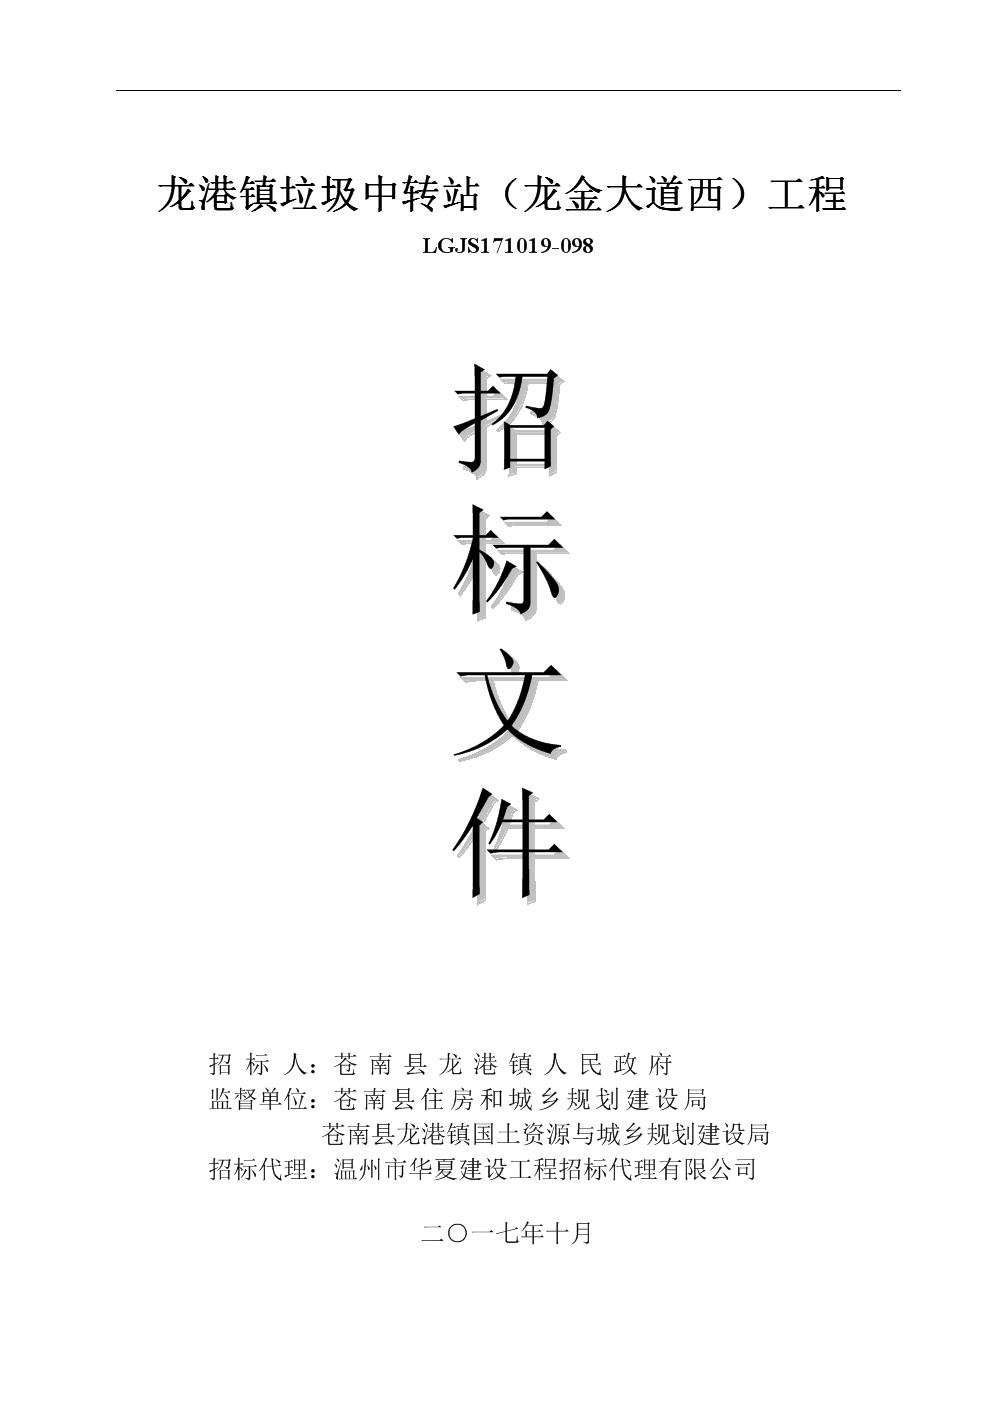 龙港镇垃圾中转(龙金大道西)工程.doc